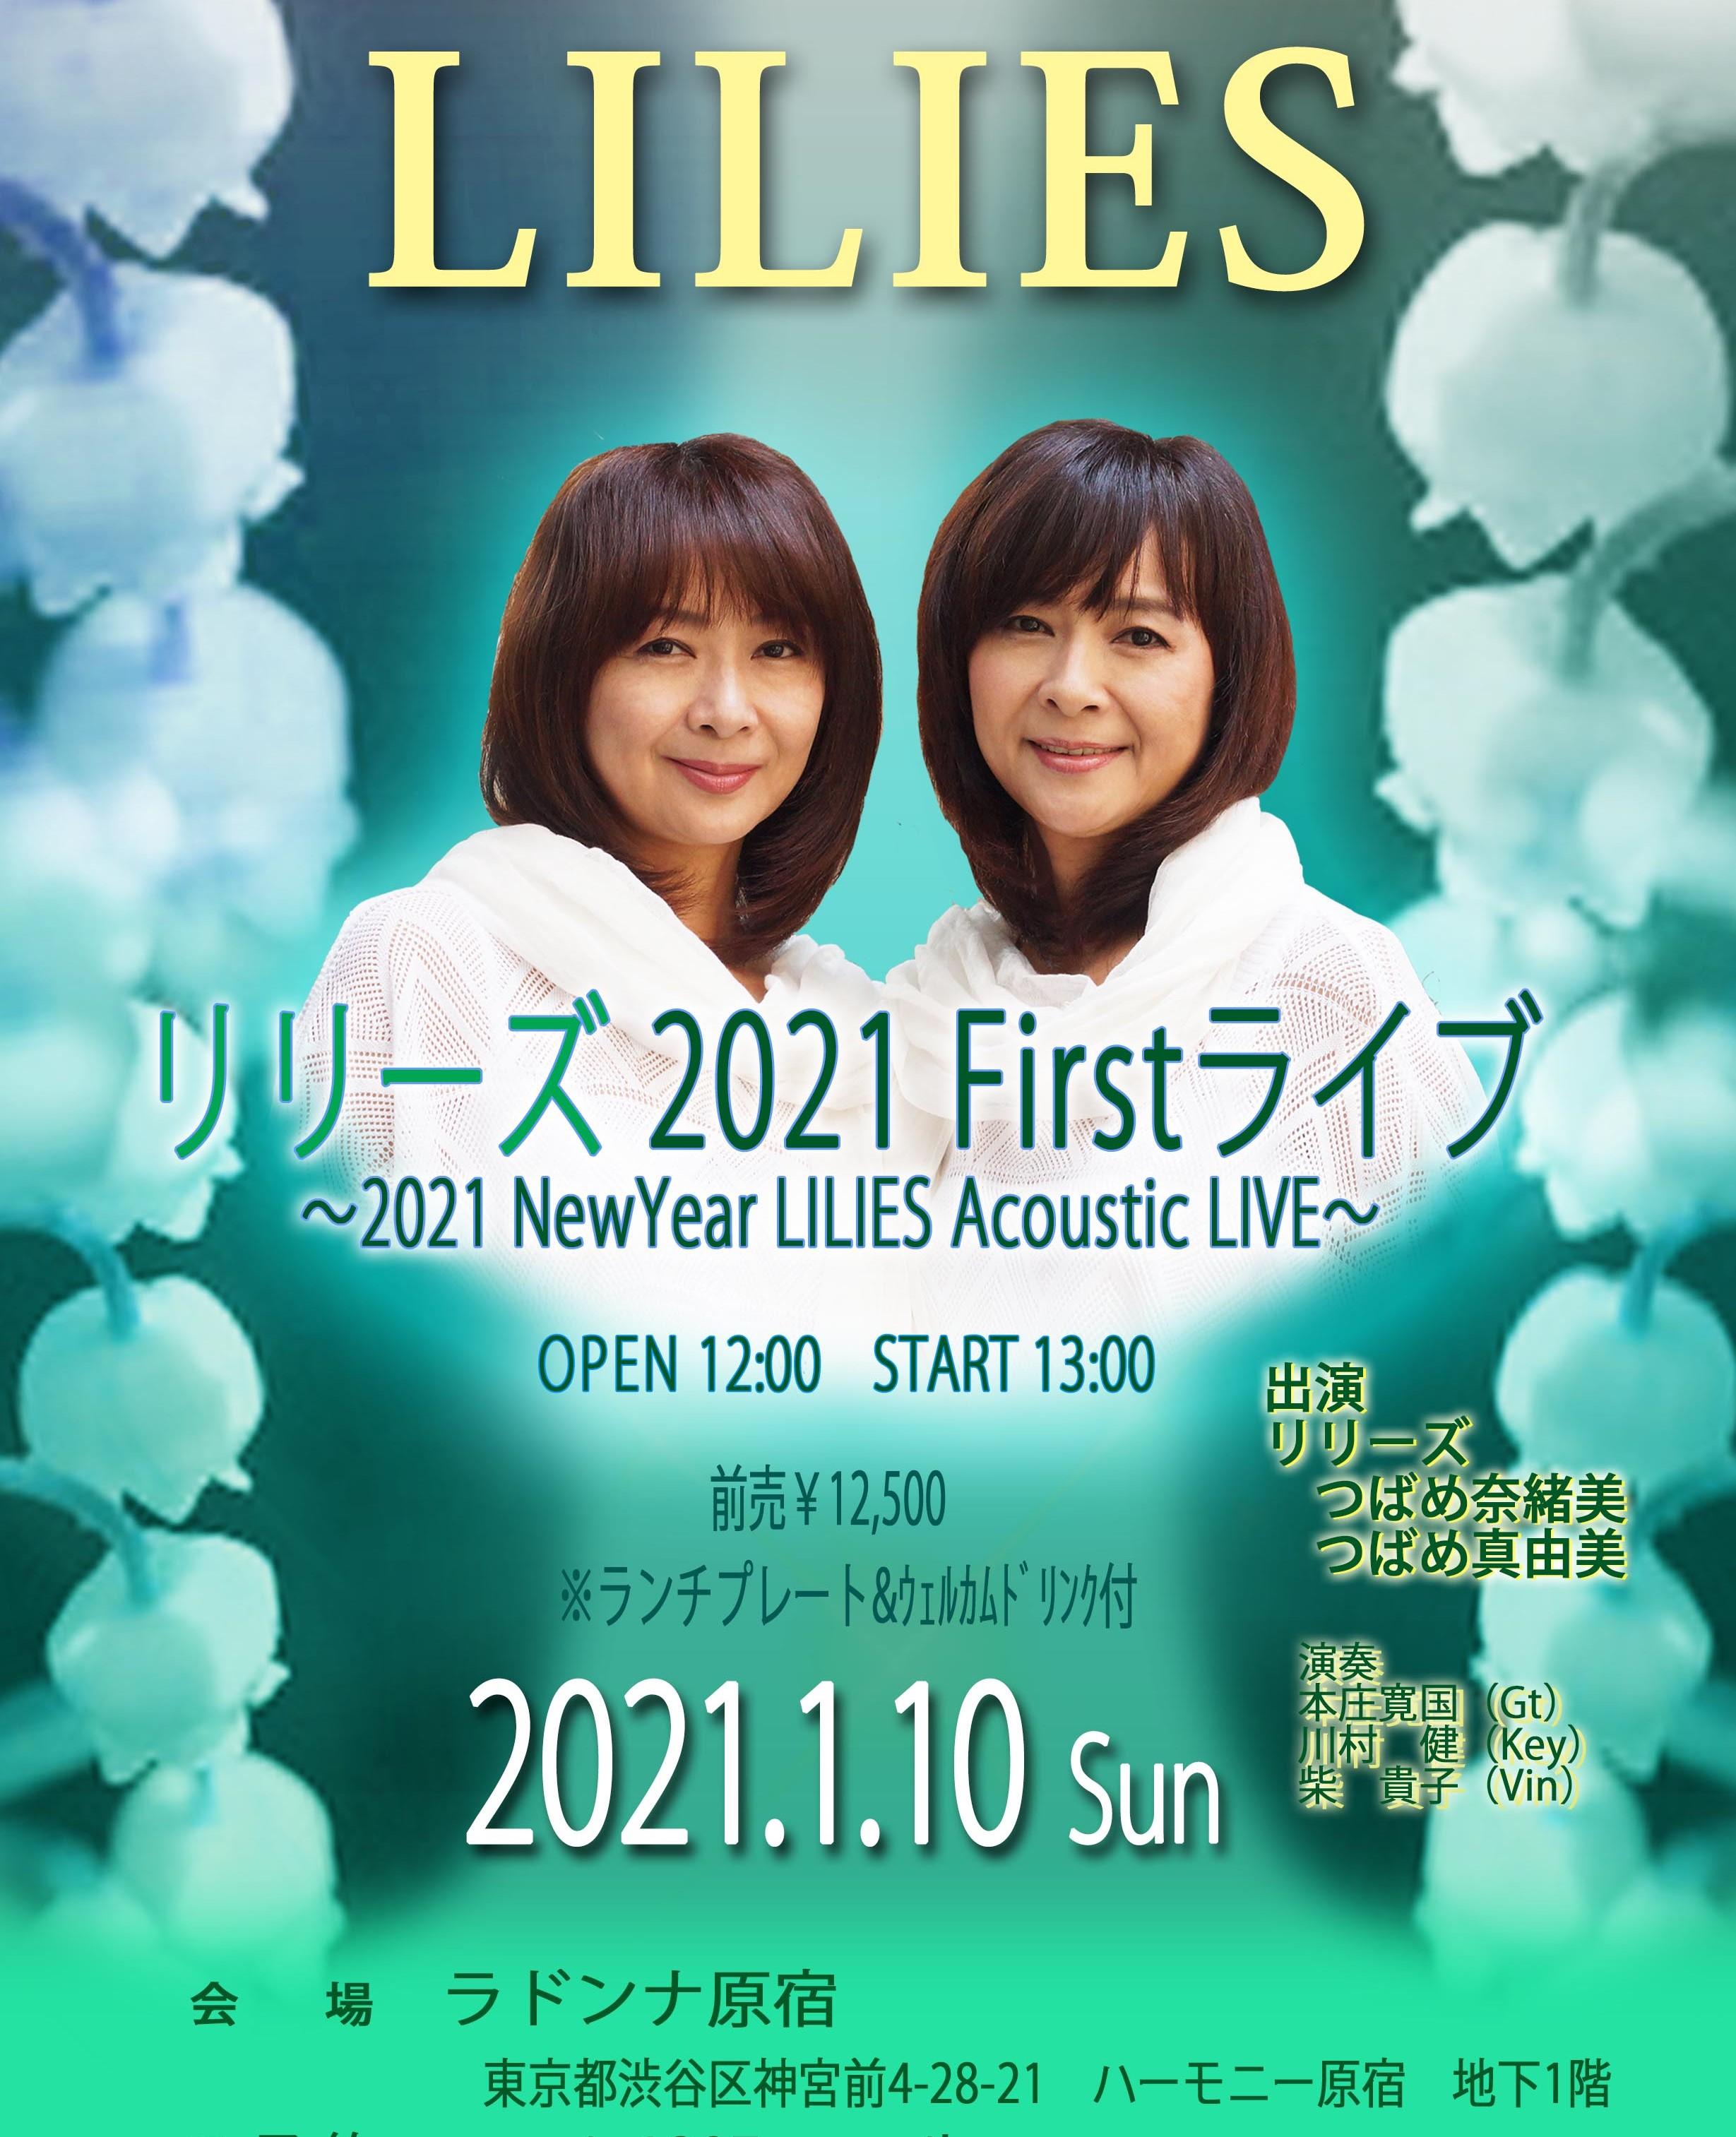 リリーズ 2021 Firstライブ  ~ 2021 NewYear LILIES Acoustic LIVE ~